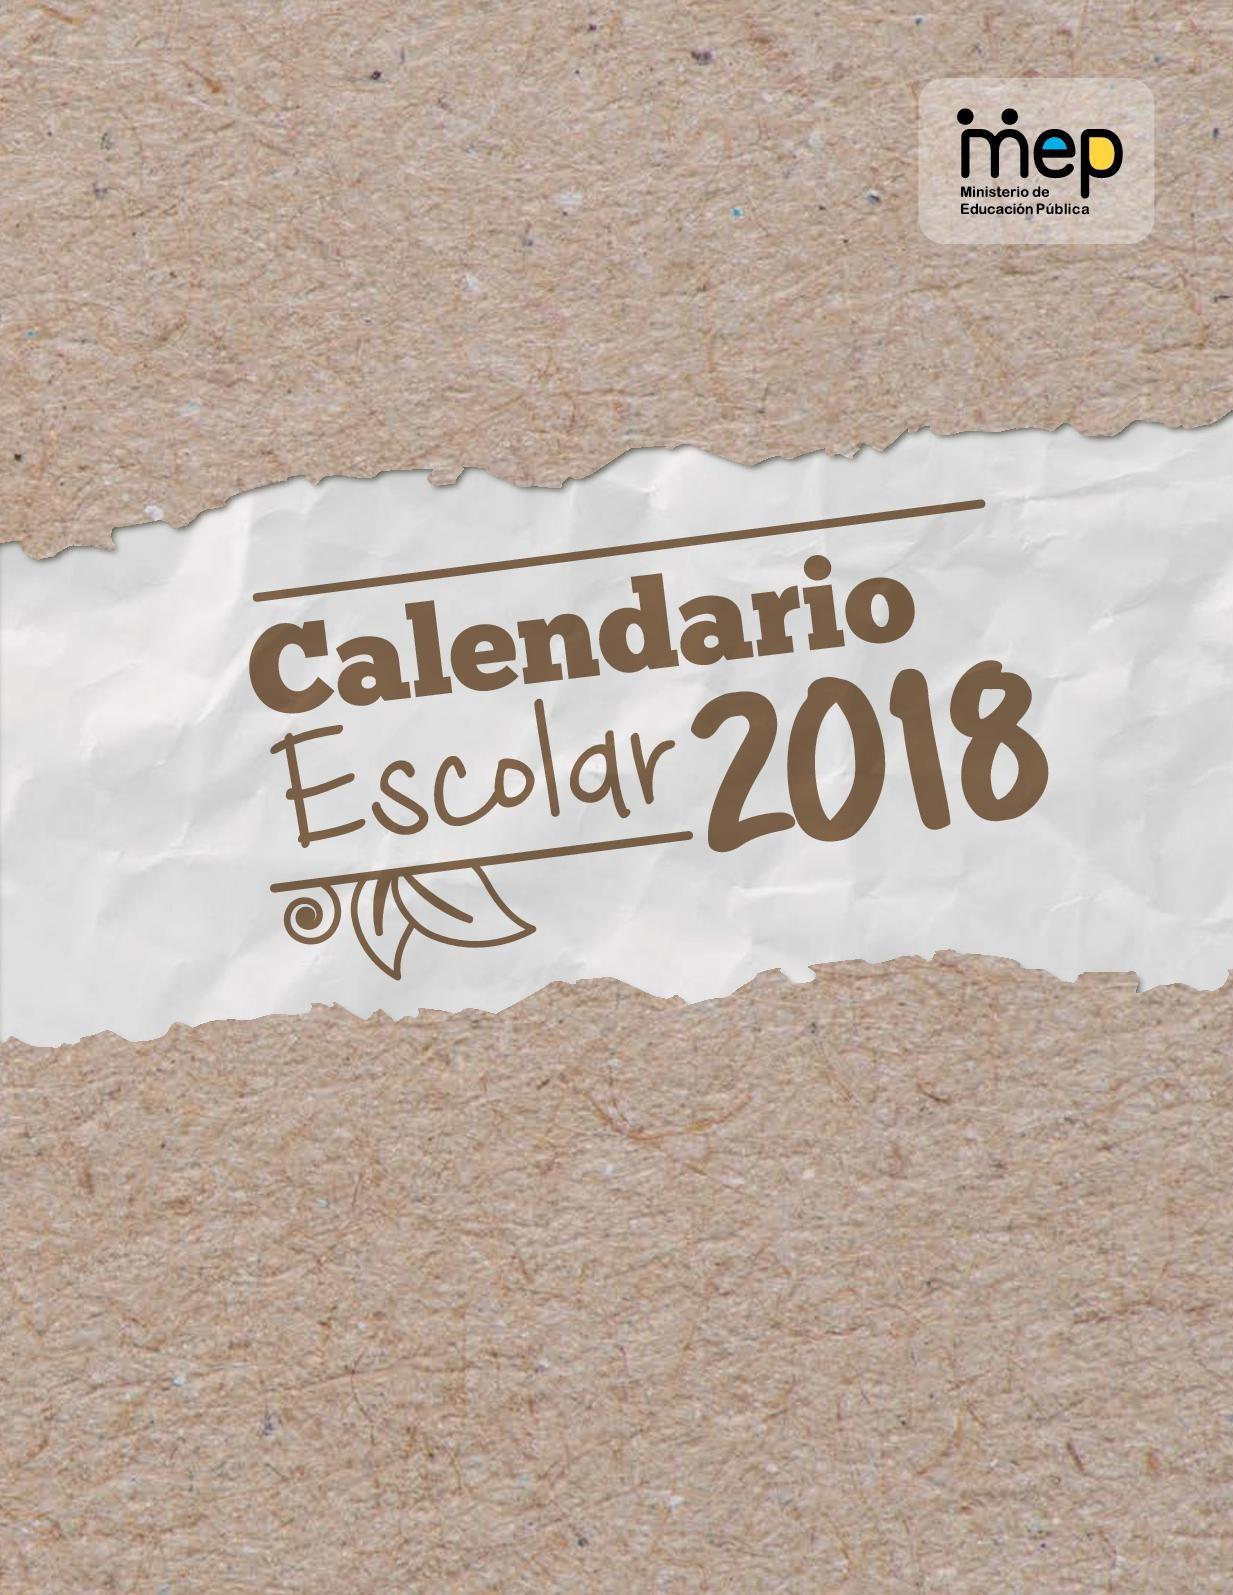 Calendario Escolar 2019 Nyc Más Reciente Calaméo Calendario Escolar 2018 Of Calendario Escolar 2019 Nyc Recientes Edici³n Impresa 13 05 2016 Pages 51 63 Text Version